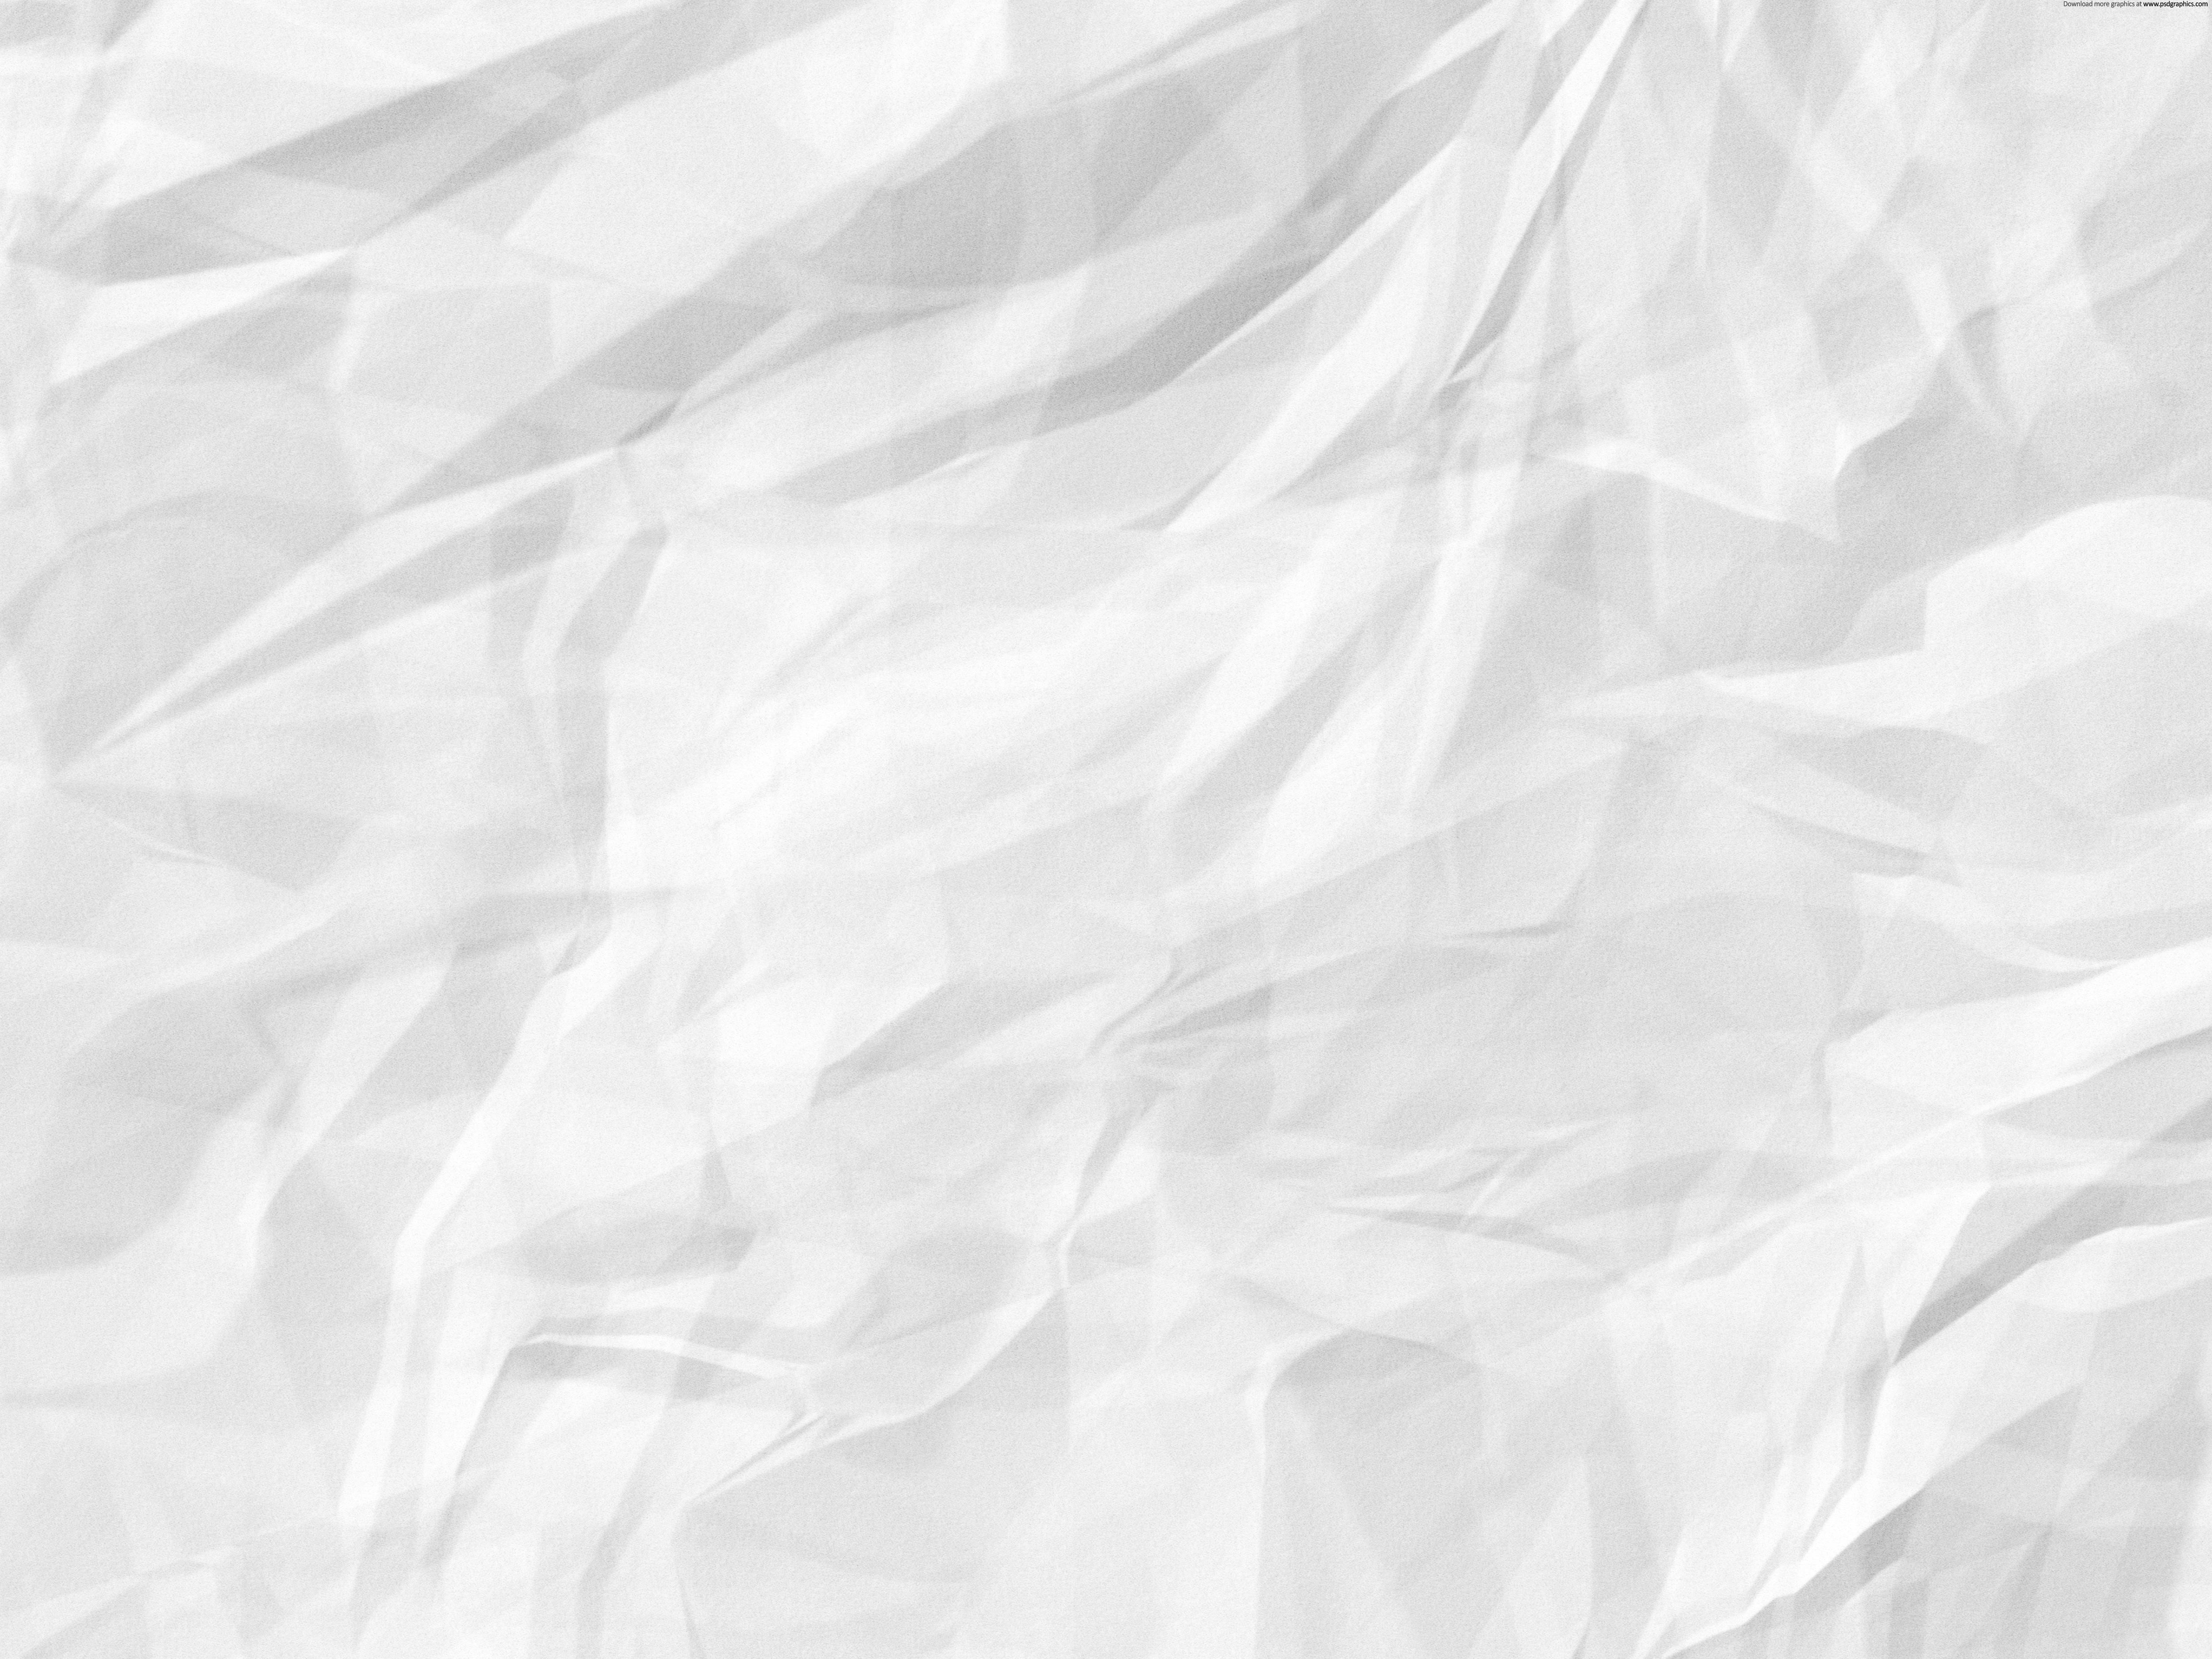 c314a9888fe5 Crumpled paper texture